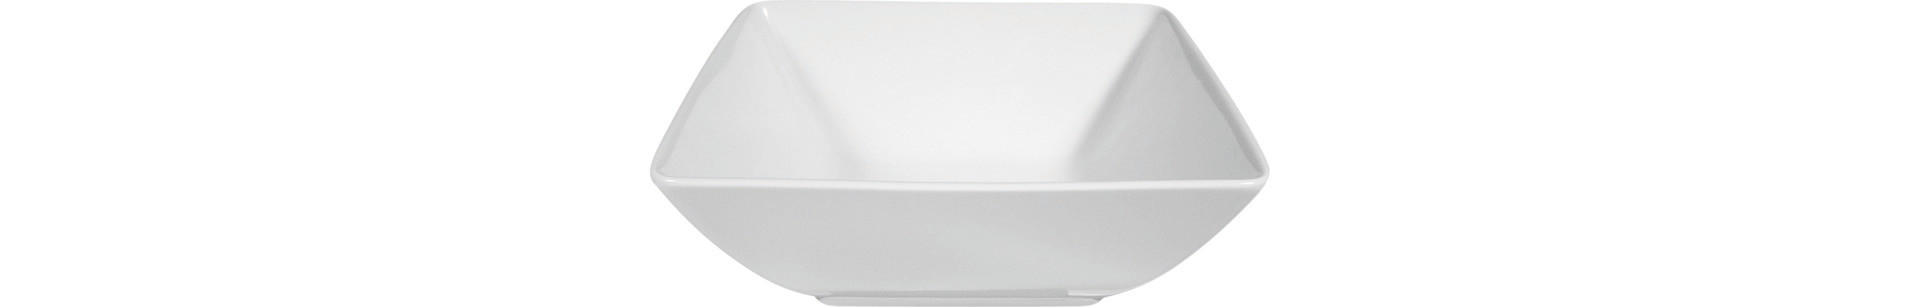 Buffet Gourmet, Bowl 200 x 200 mm / 1,40 l